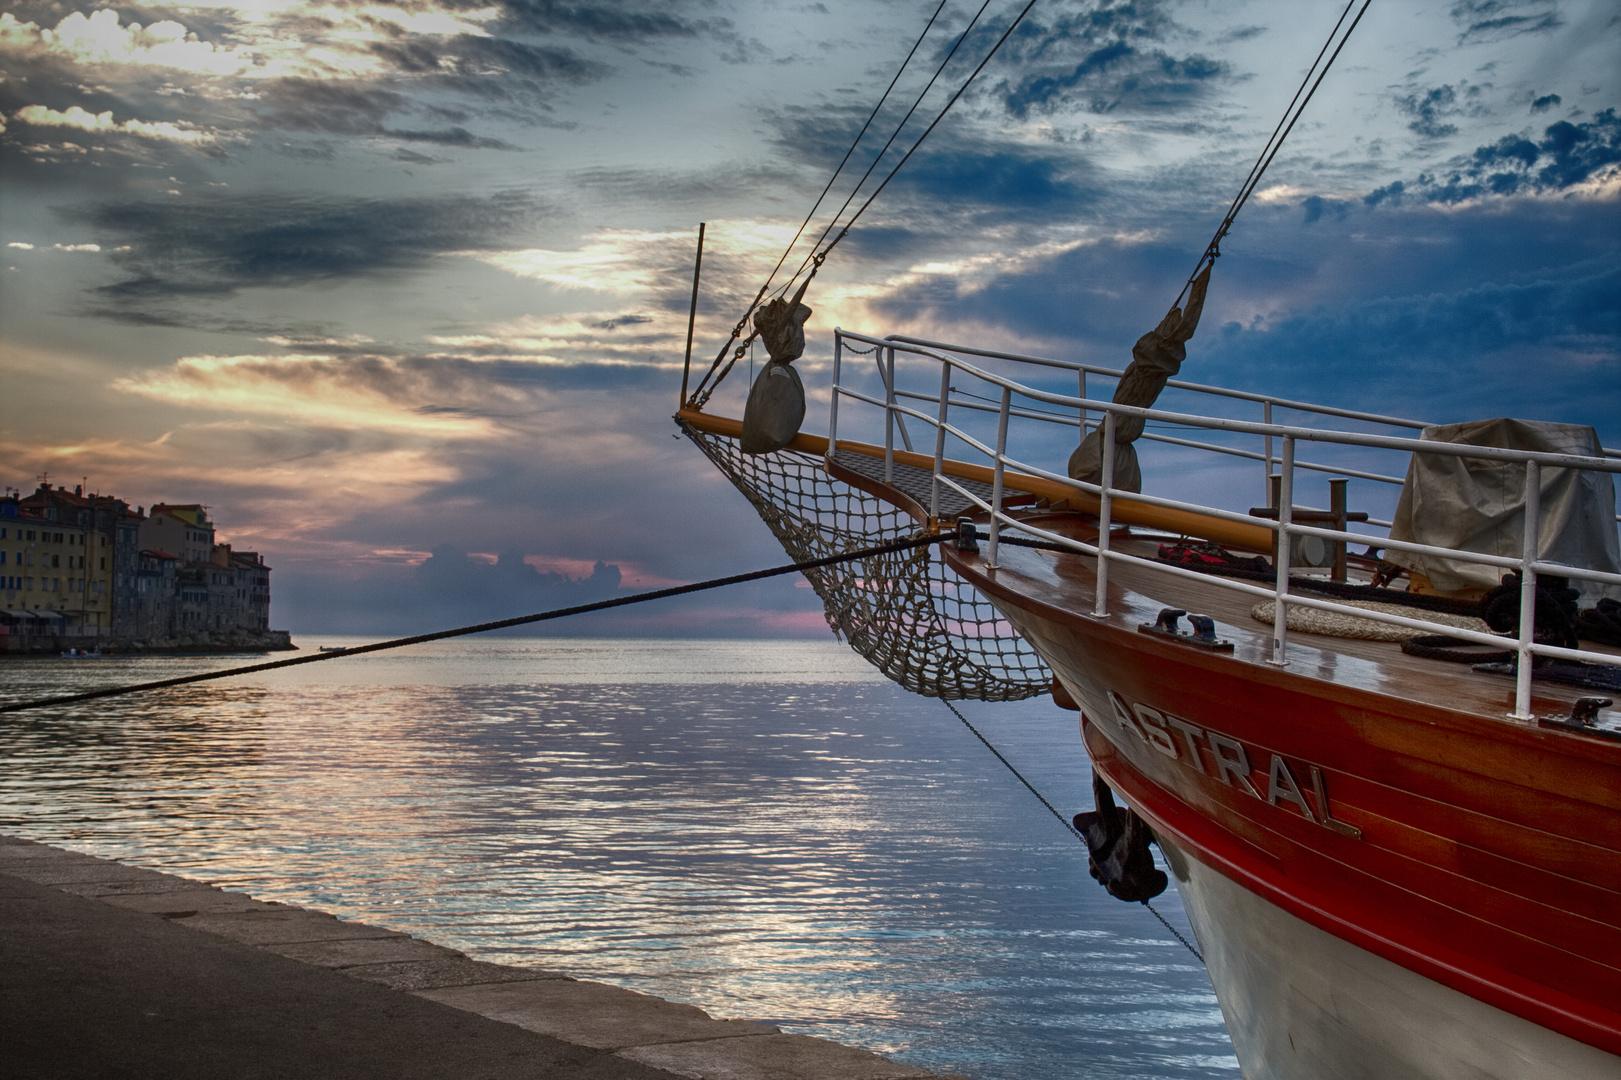 Astral im Hafen von Rovinj